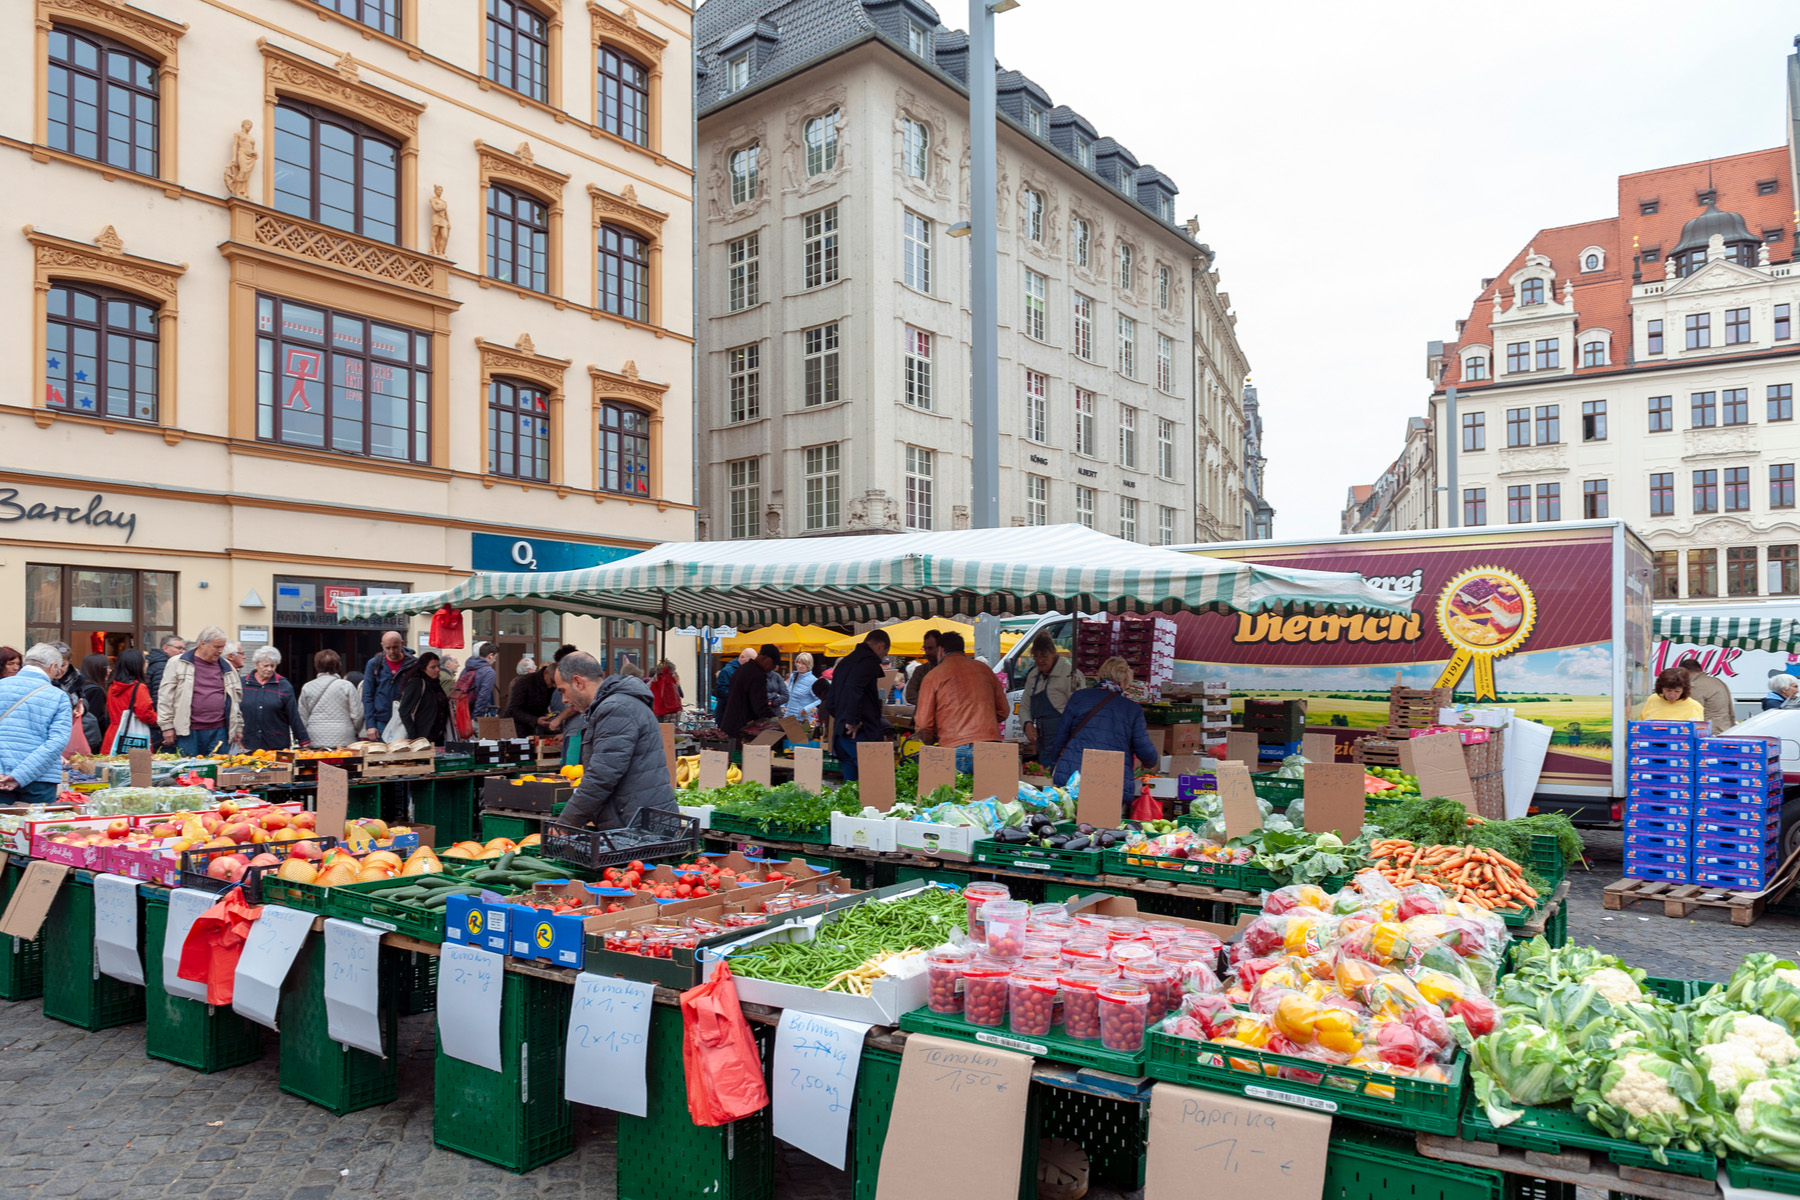 Farmers market in Leipzig